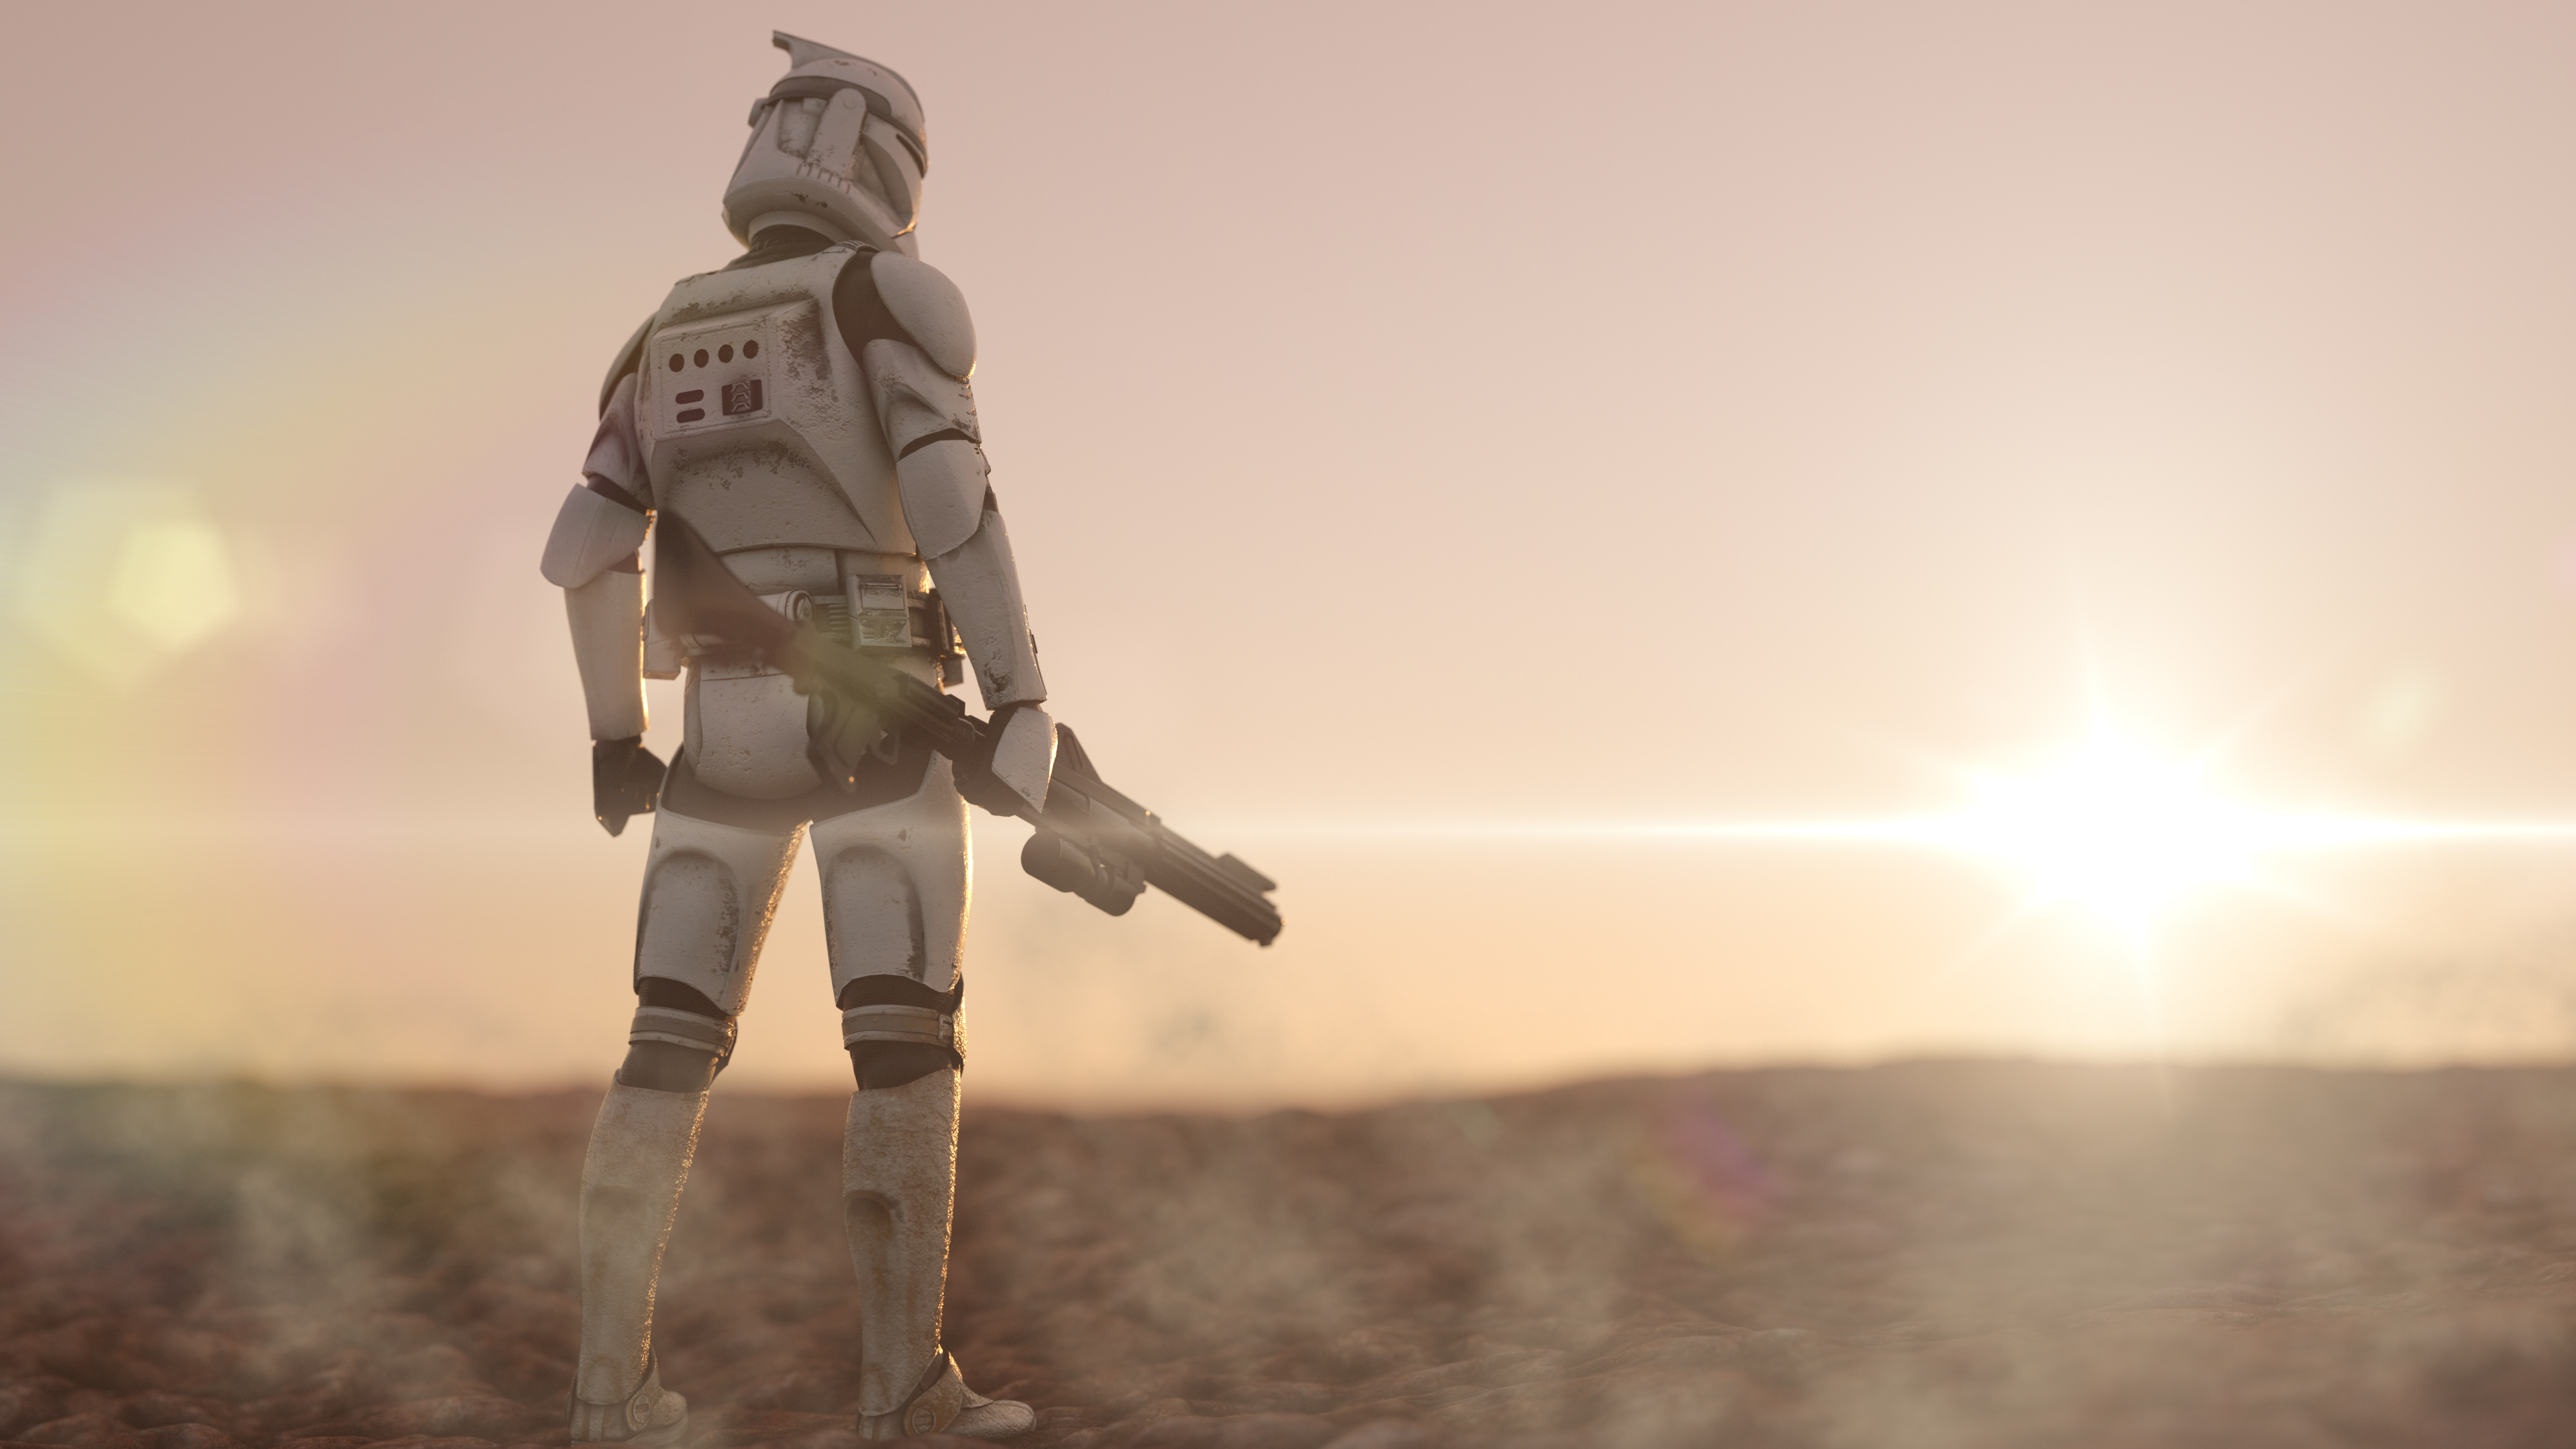 Clone Trooper 3840x2160